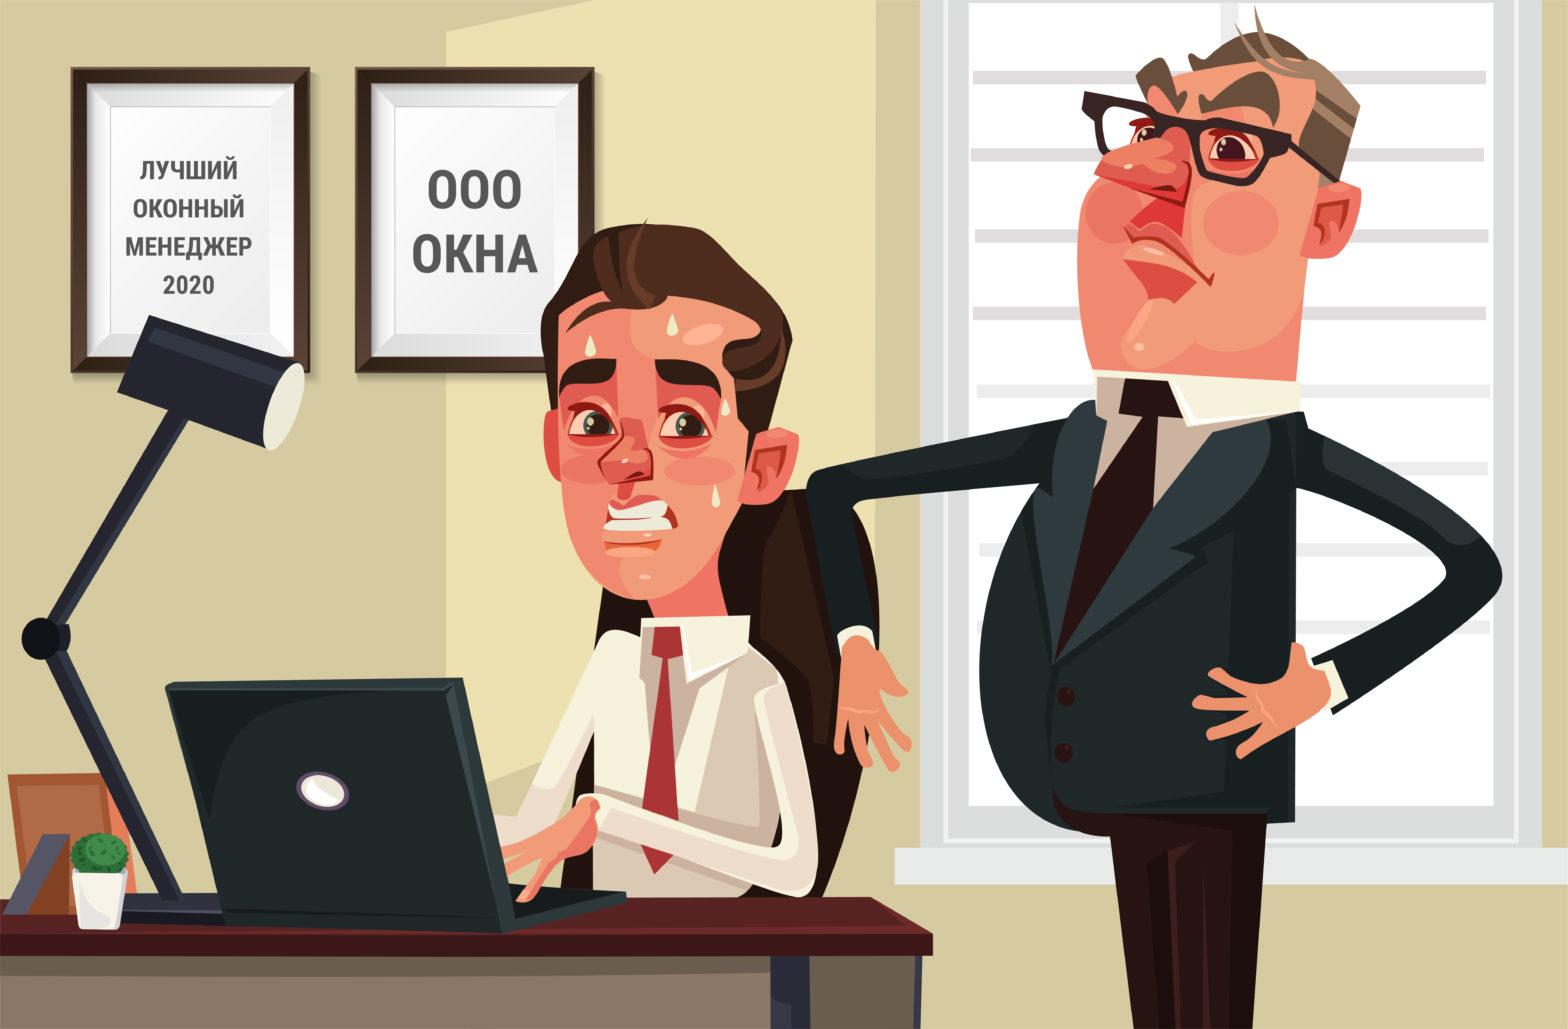 Менеджер под контролем начальника